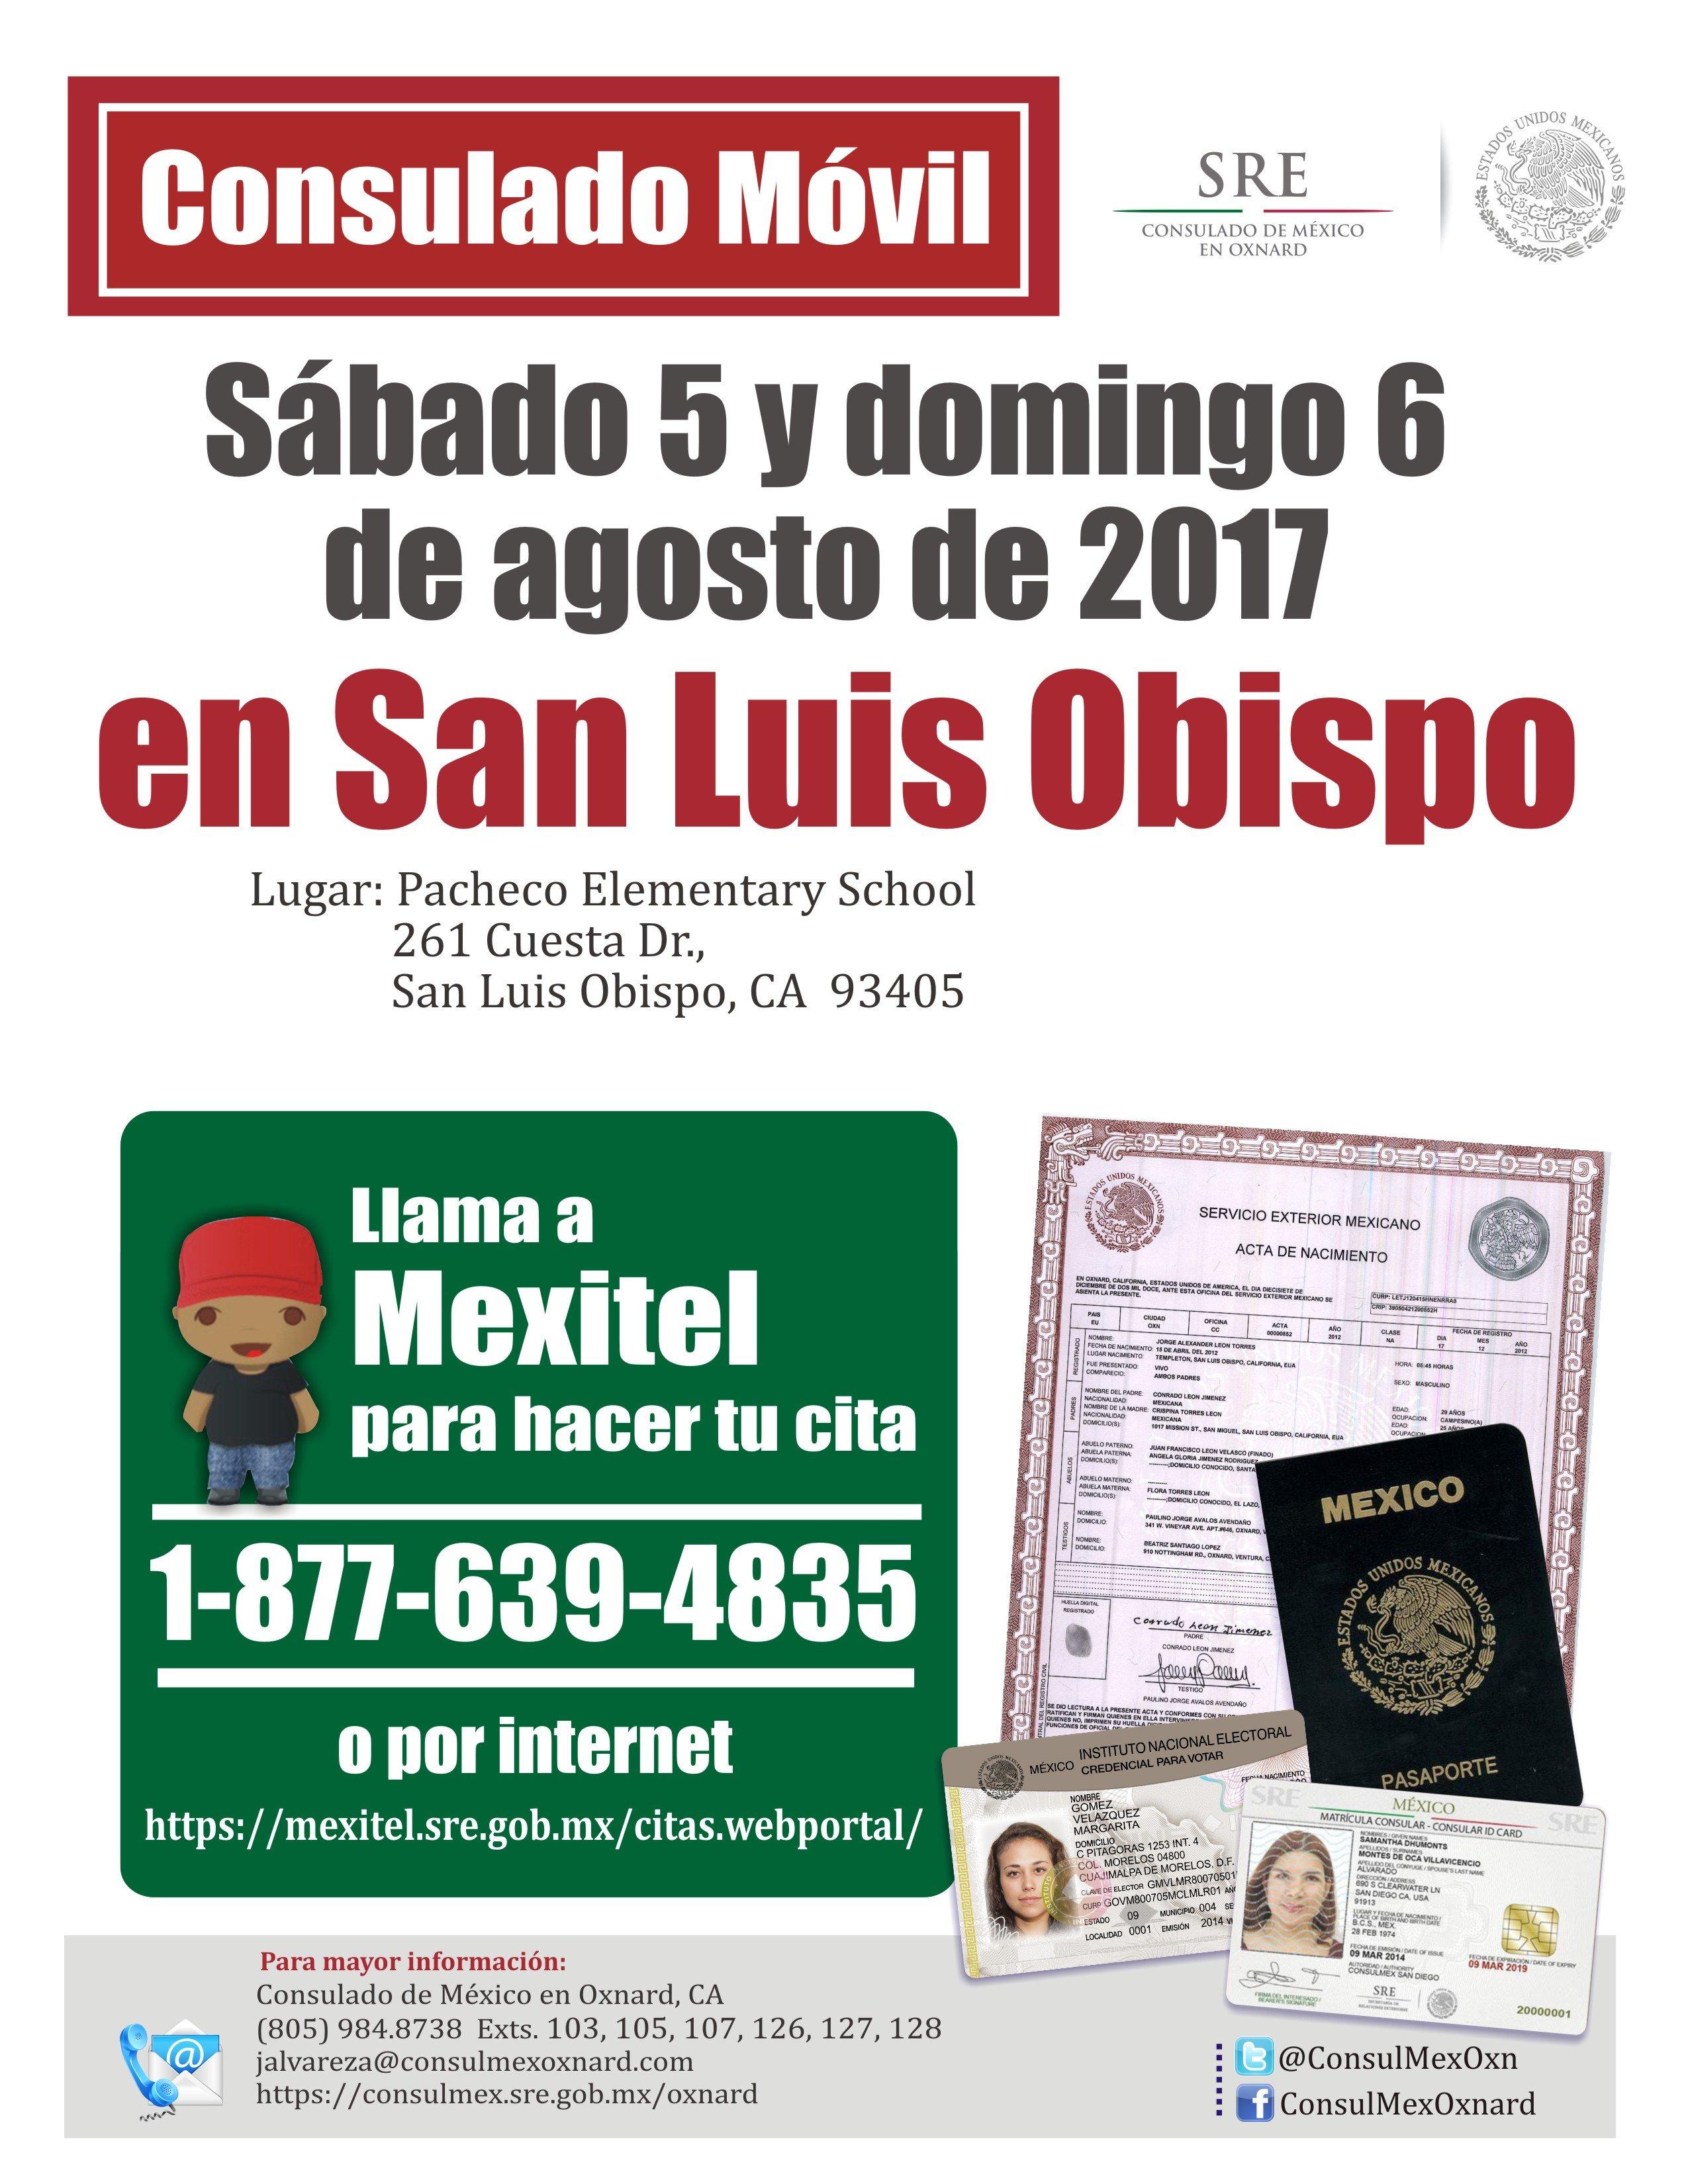 5 y 6 de agosto — Consulado Móvil in San Luis Obispo | Amigos805.com